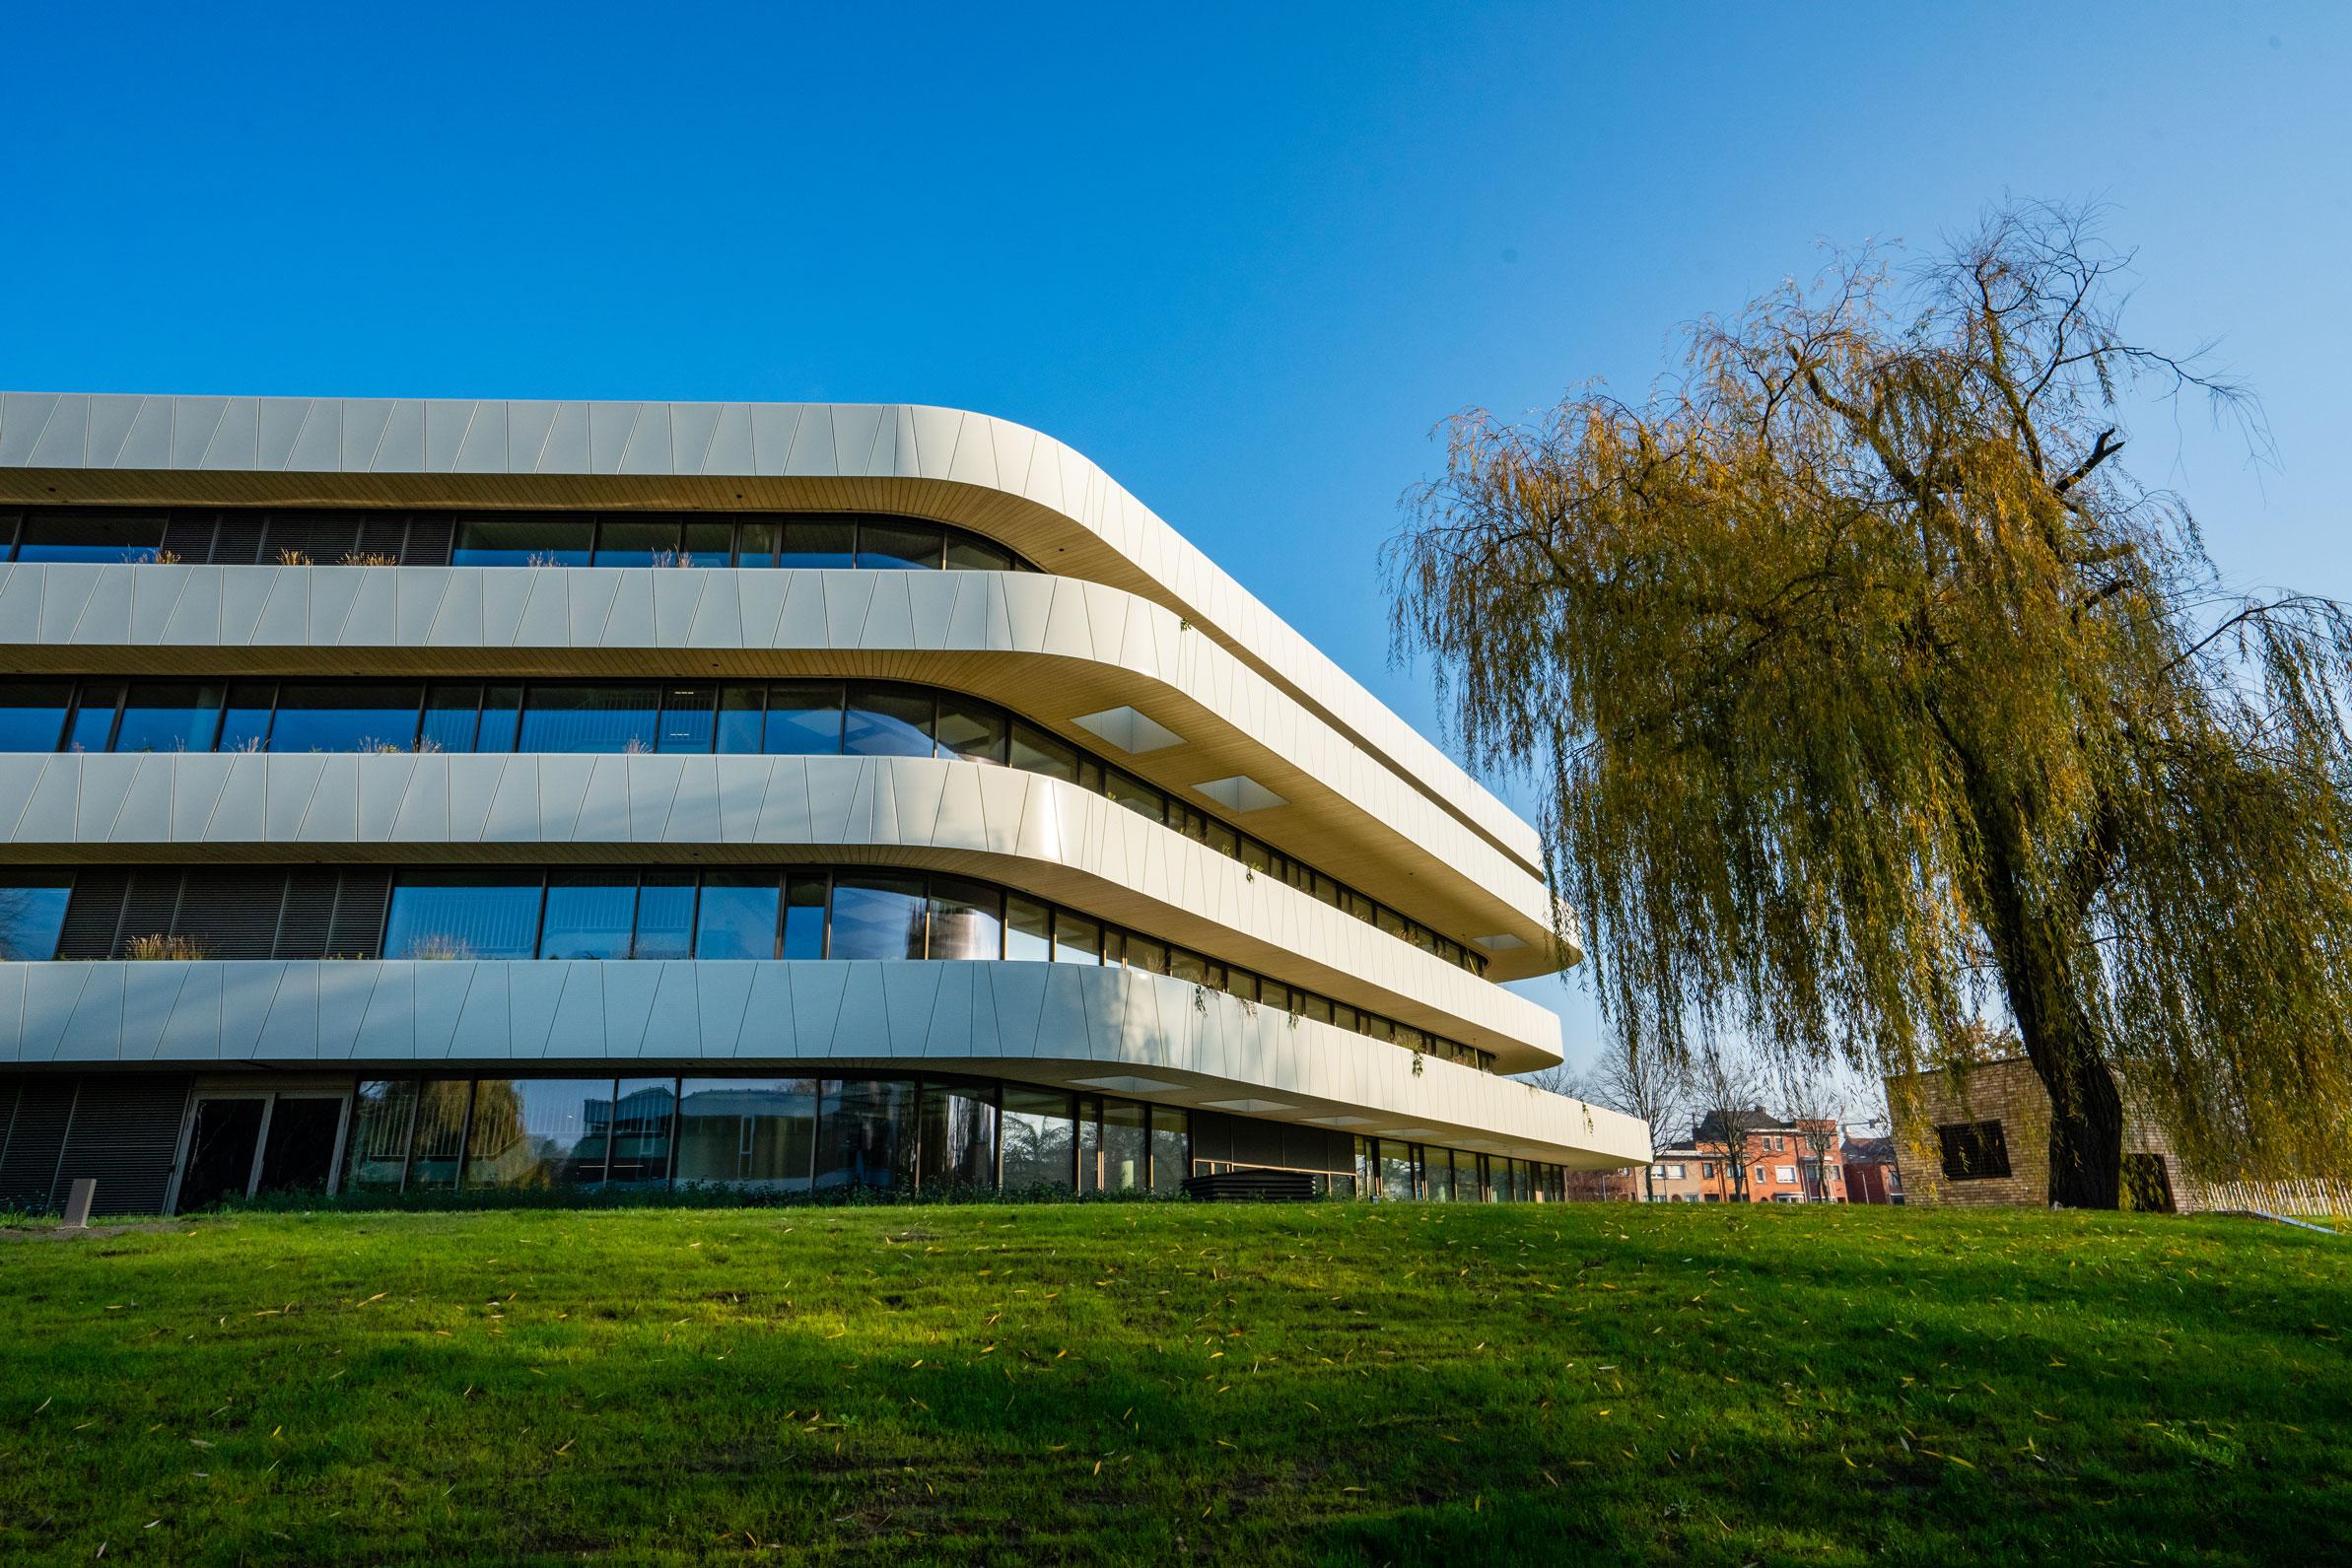 foto van de penta, nieuwe campus van howest hogeschool west-vlaanderen in kortrijk